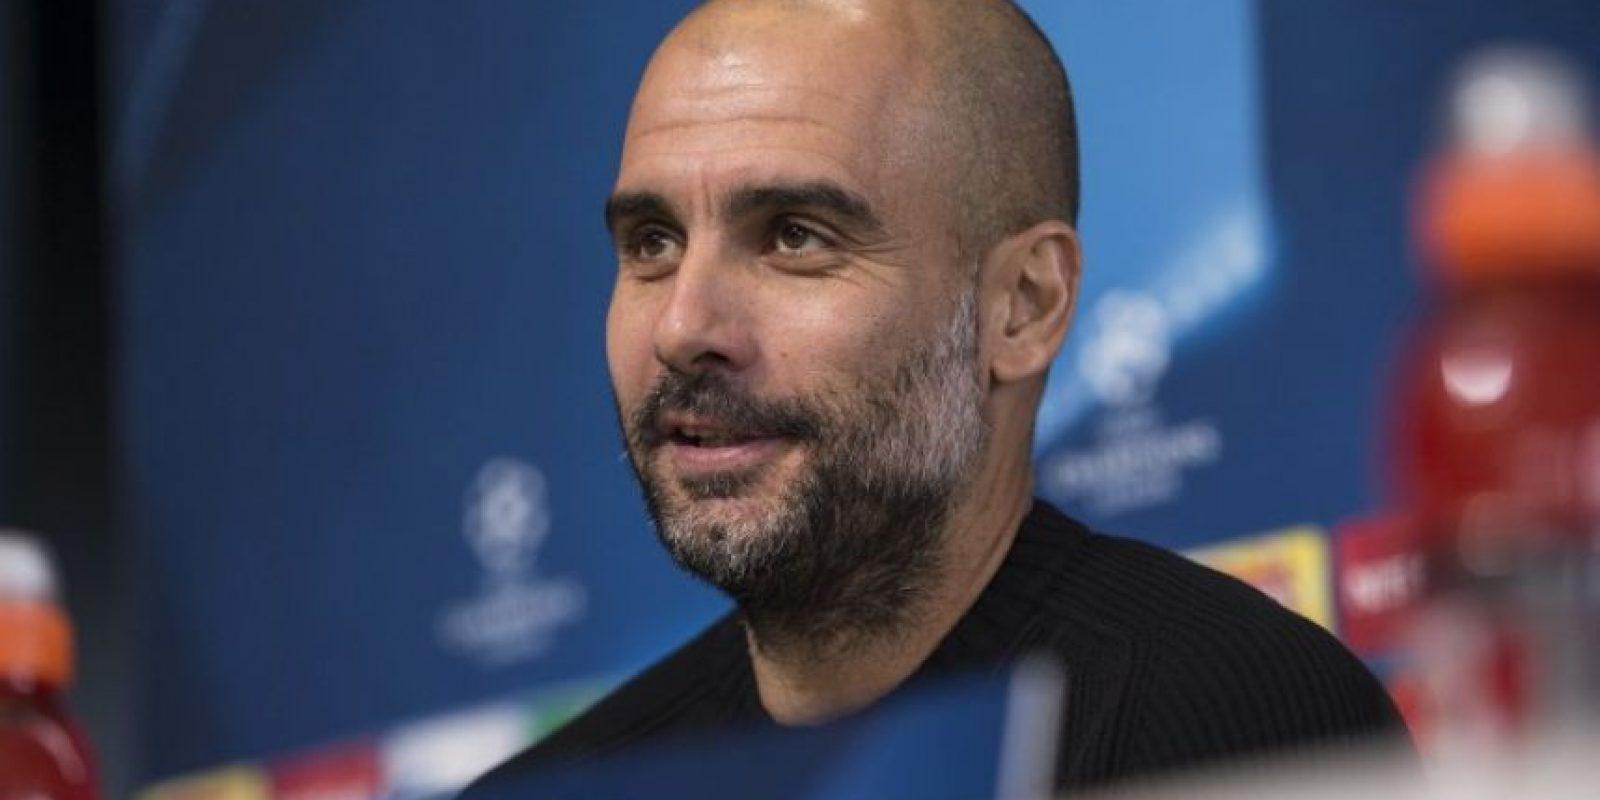 Pep Guardiola, en conferencia de prensa, habla sobre el partido ante el Barcelona. Foto:AFP